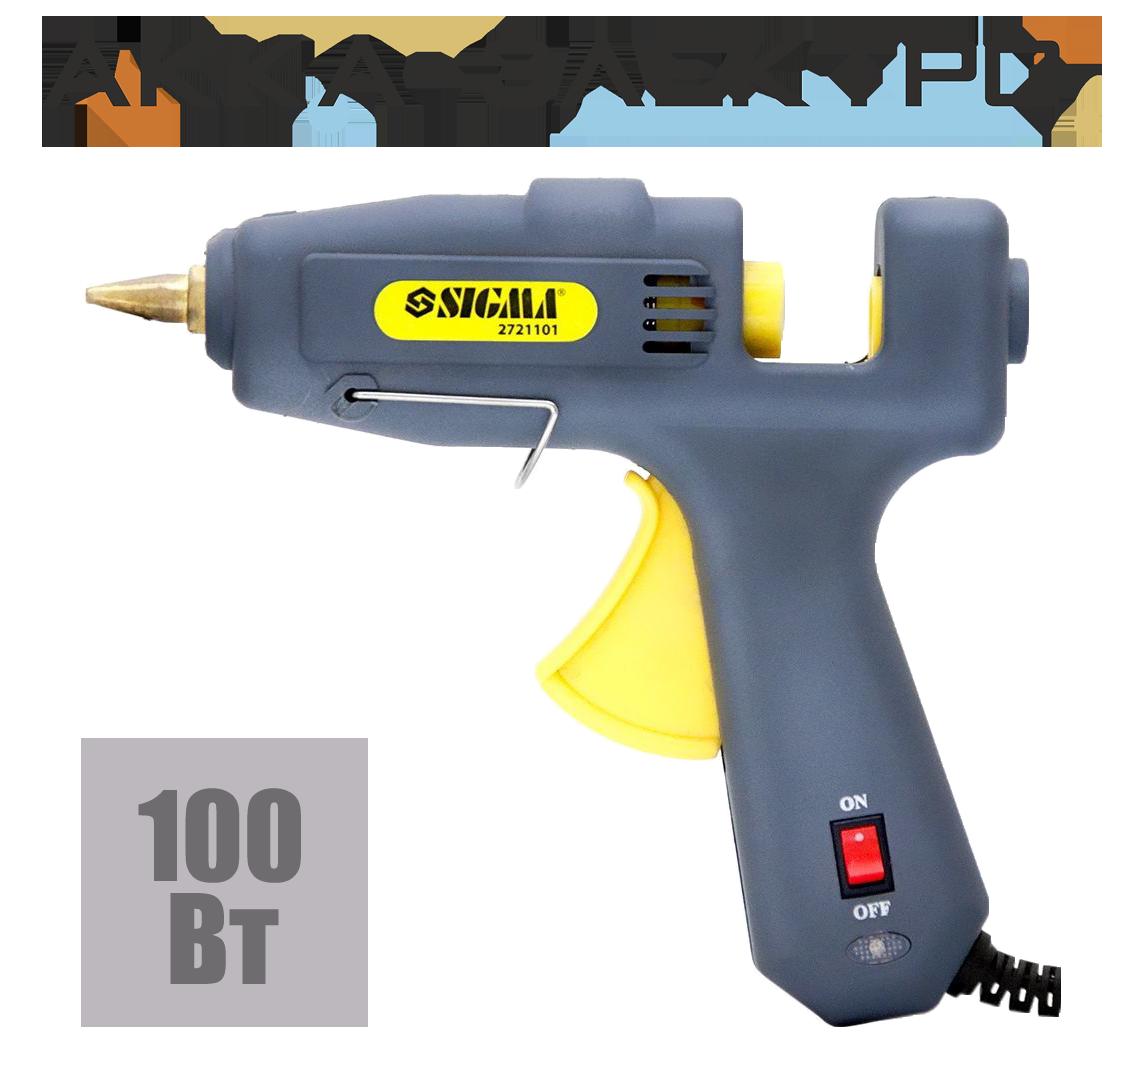 Пістолет термоклеевой з вимикачем 11.2 мм 100 Вт SIGMA 2721101